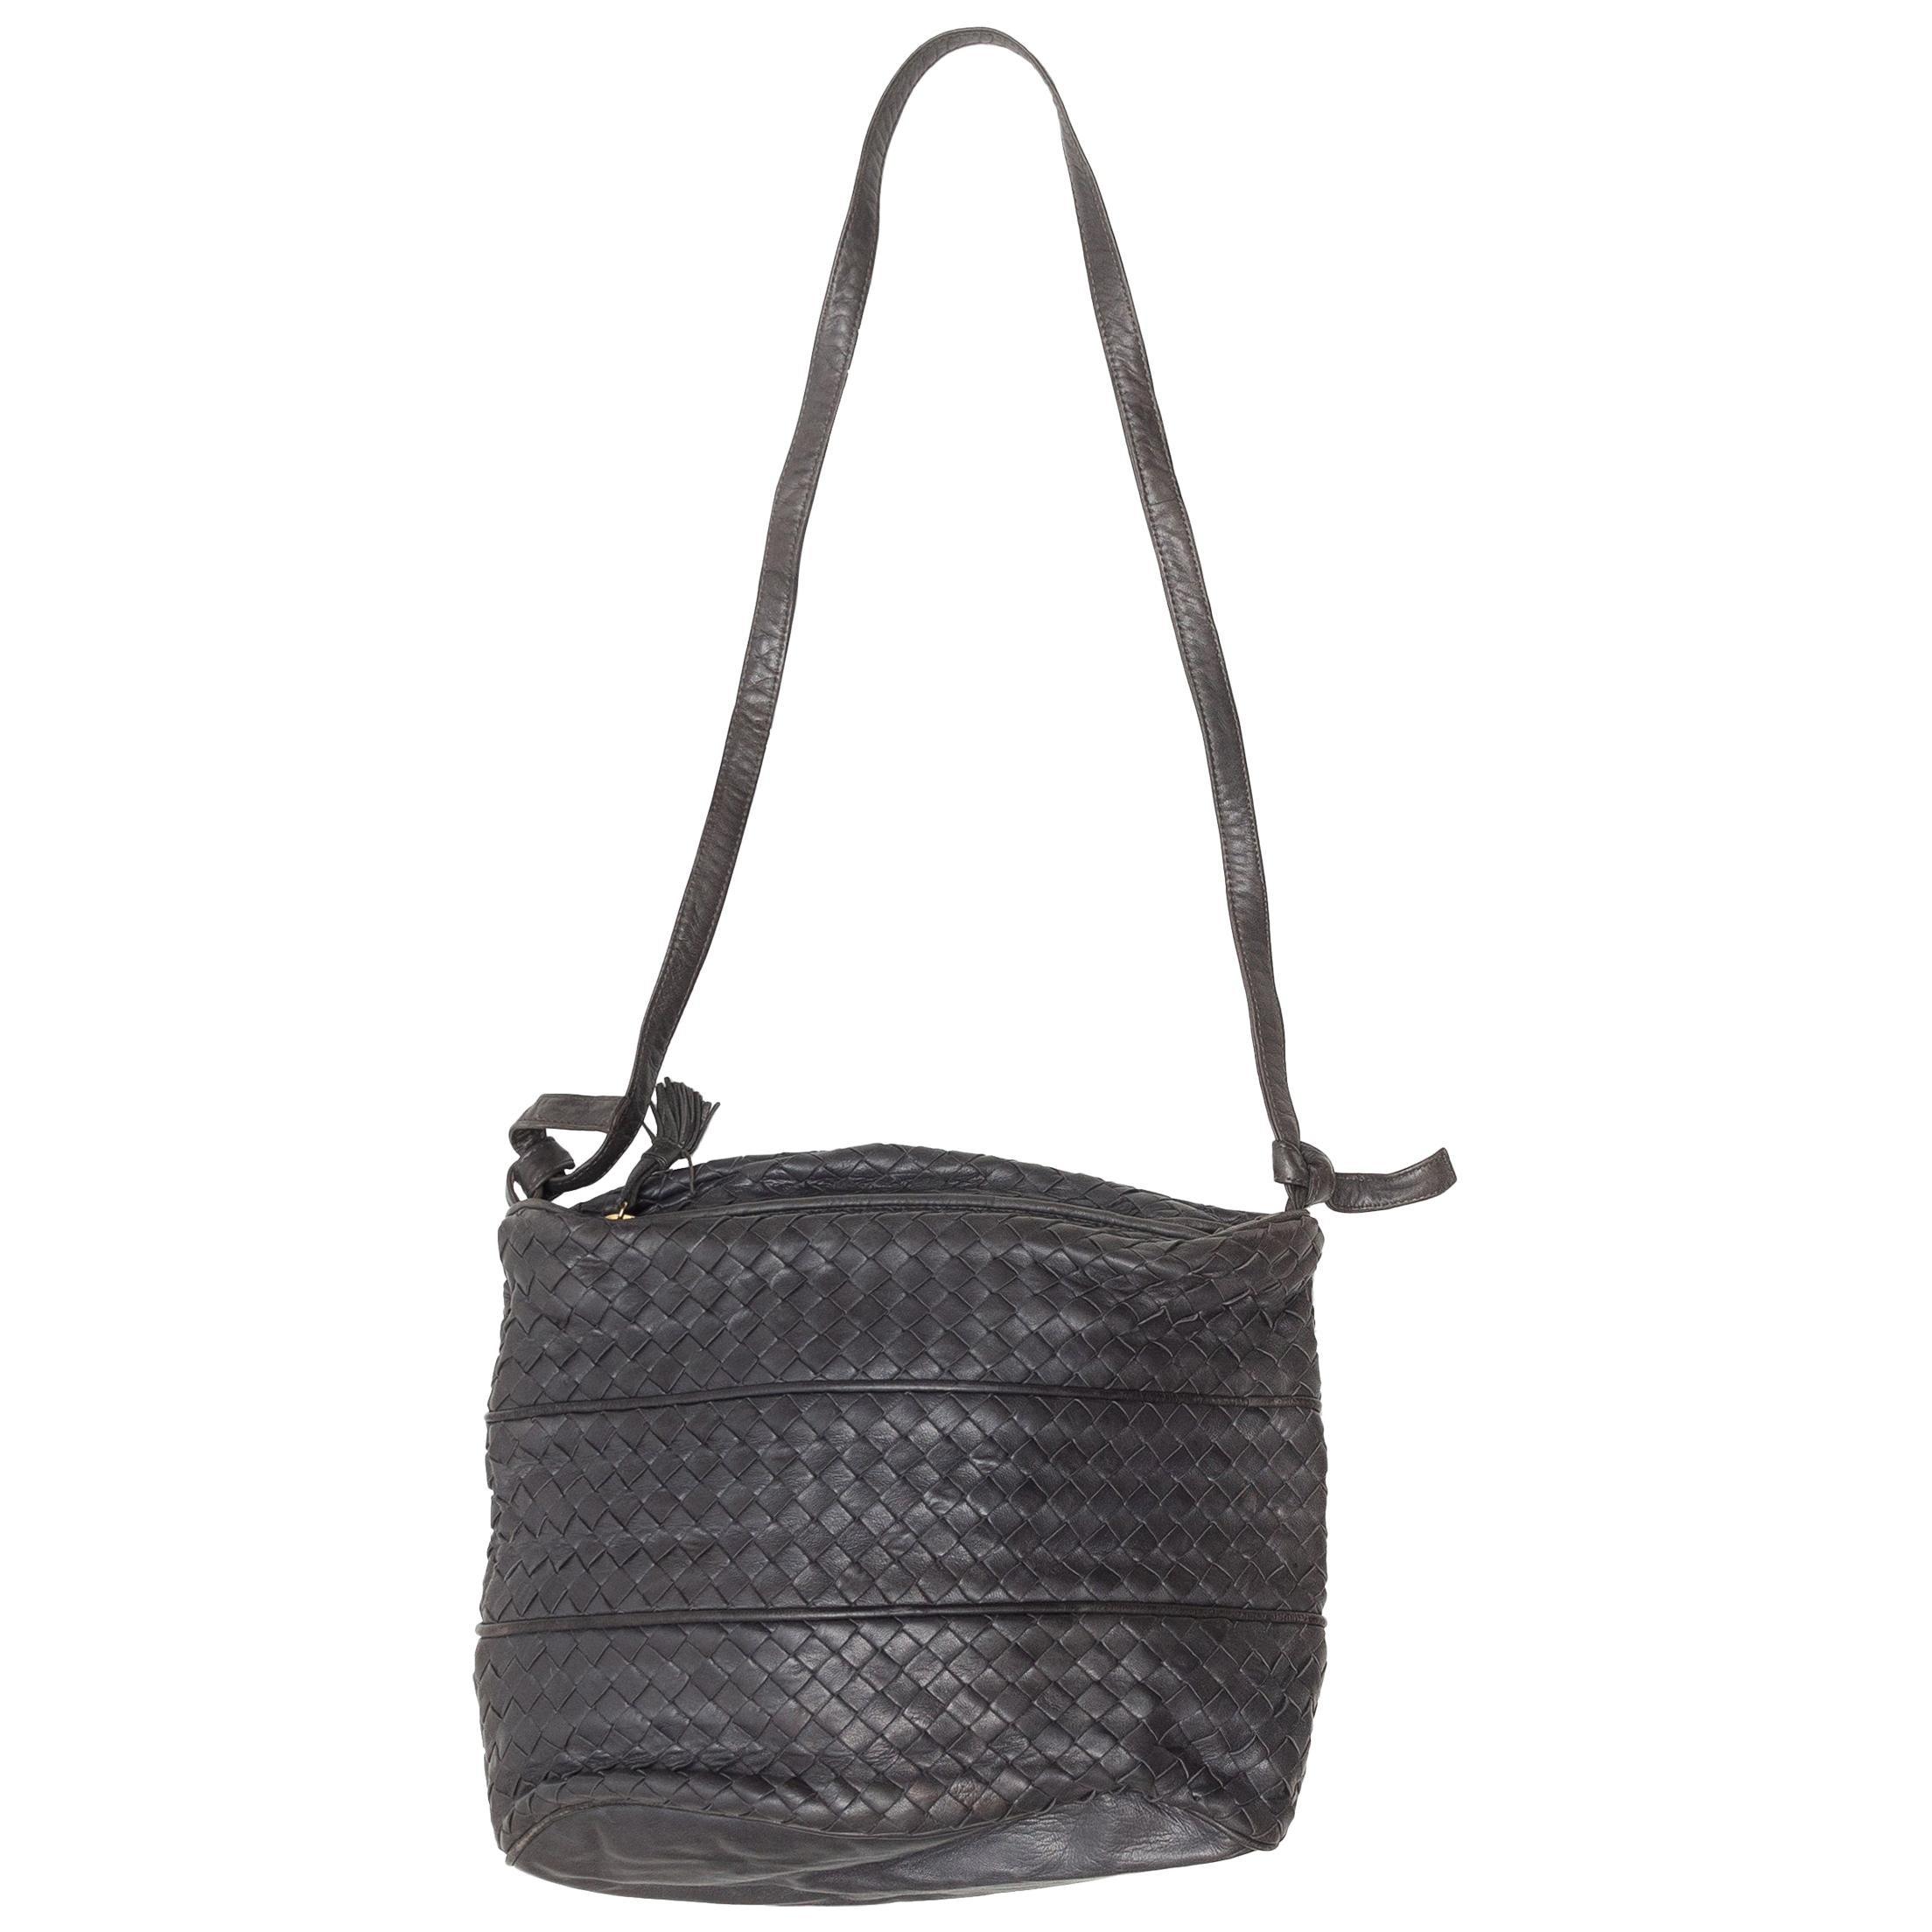 Bottega Veneta Charcoal Intrecciato Shoulder Bag